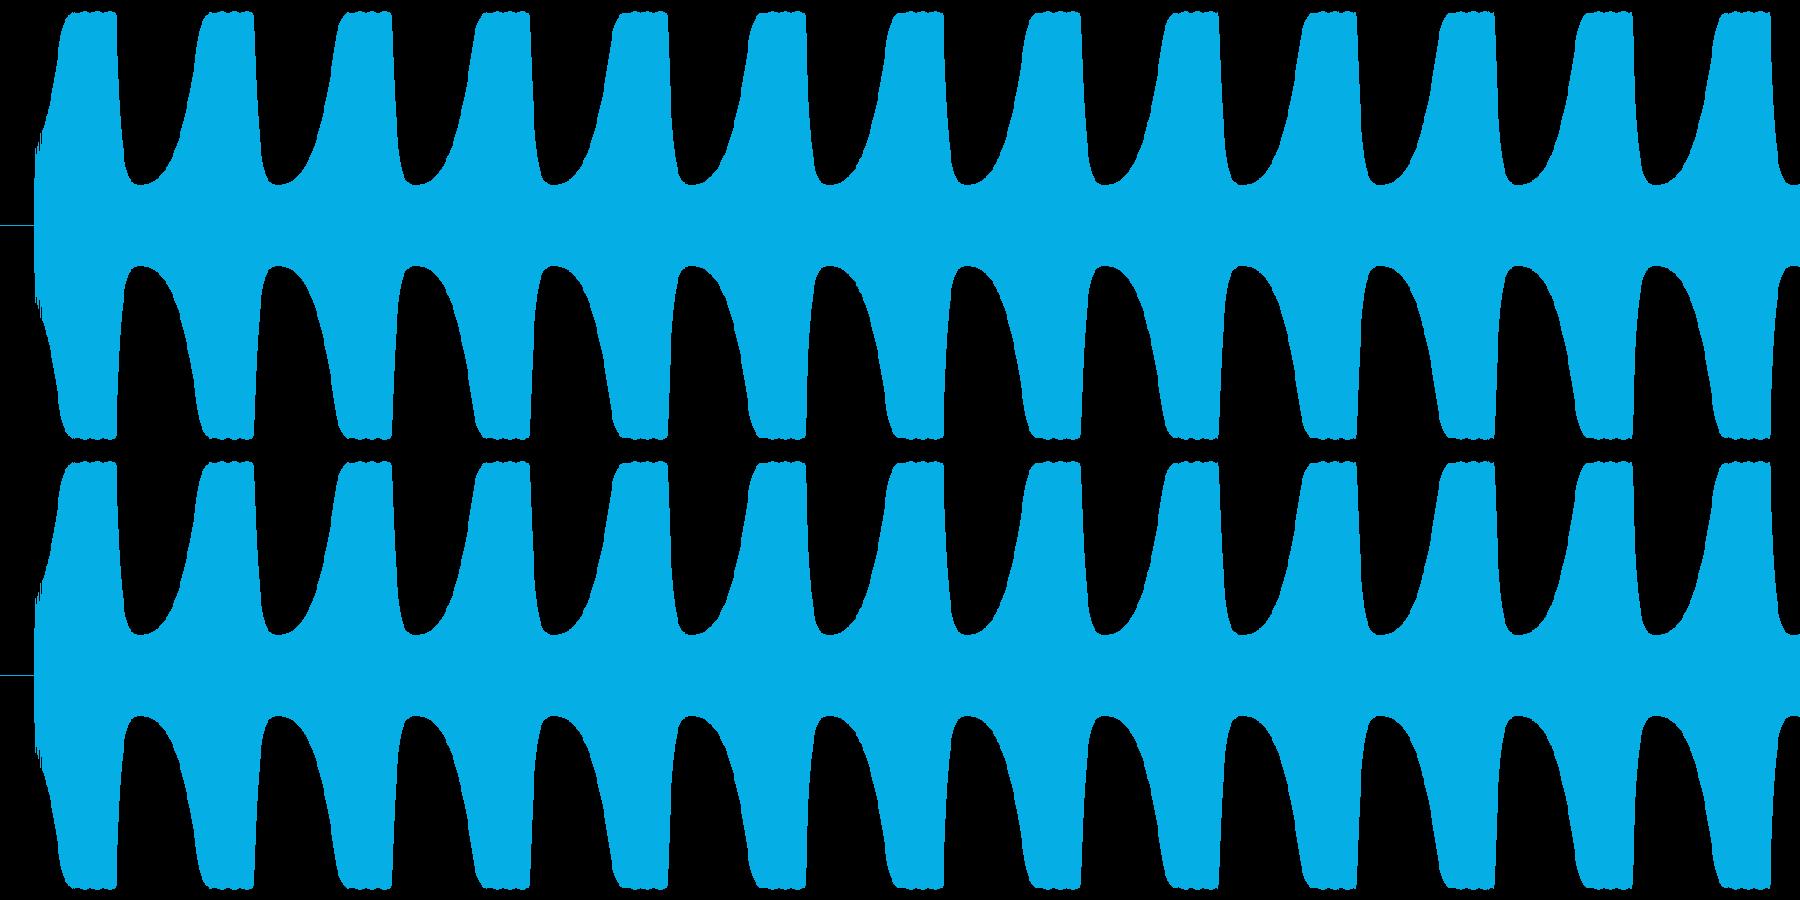 ゲームテキスト効果音A-7(高め 普通)の再生済みの波形